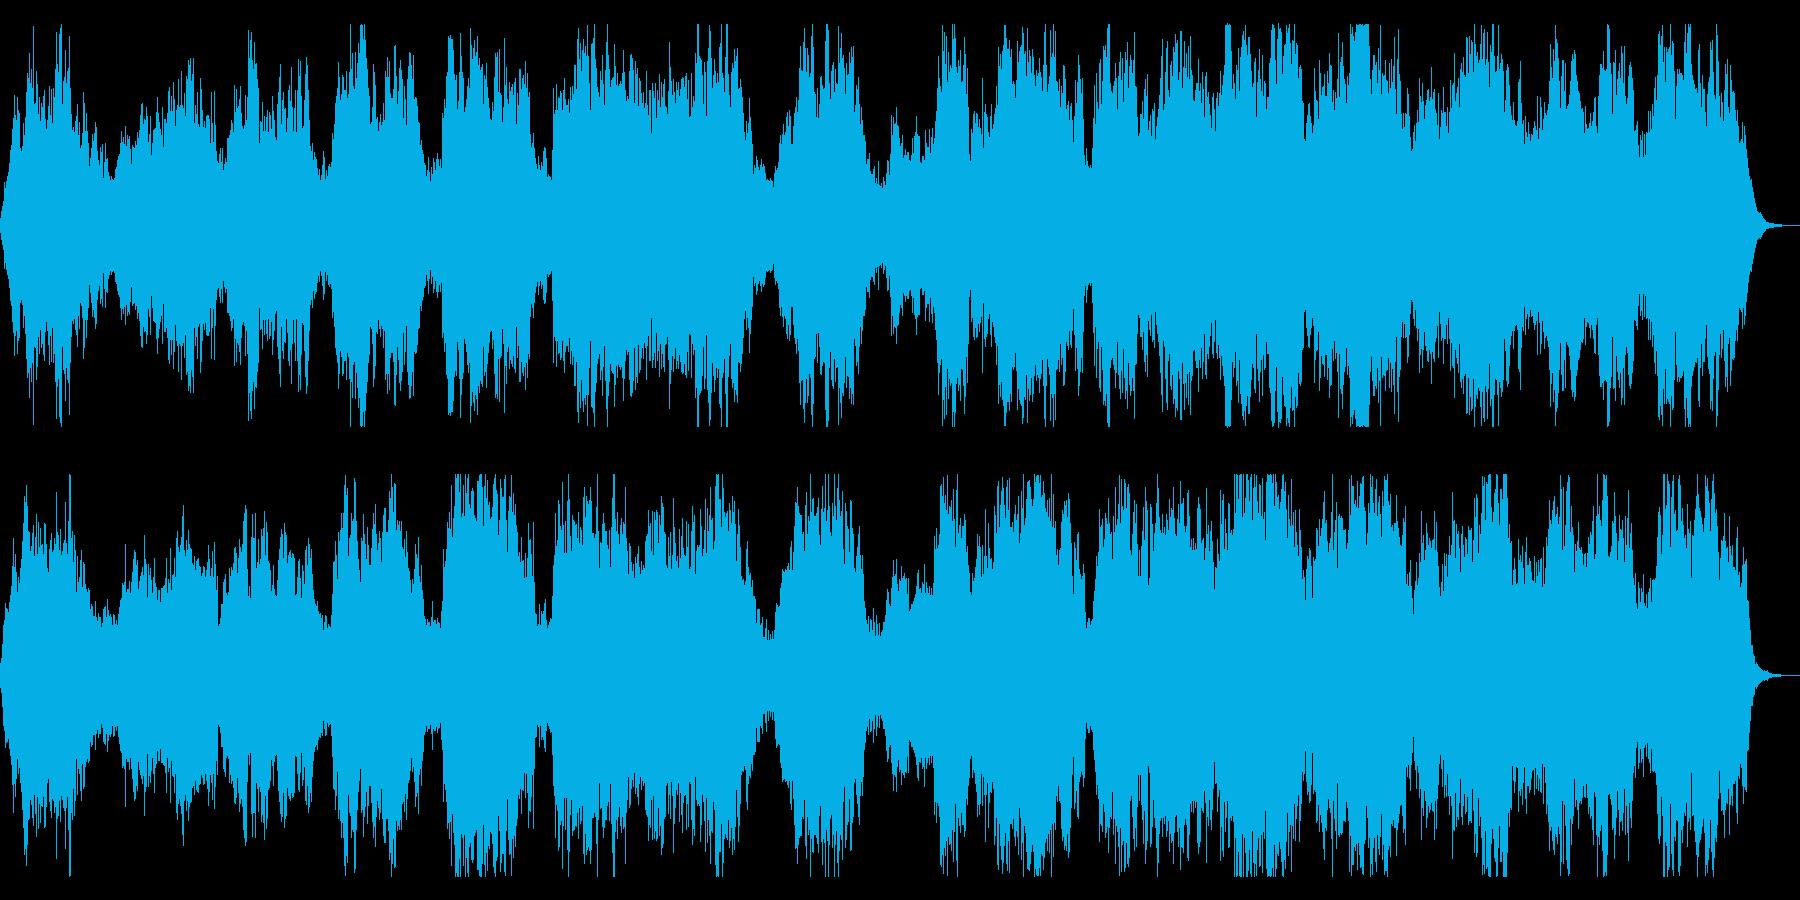 虚ろな世界をイメージしたダークなBGMの再生済みの波形